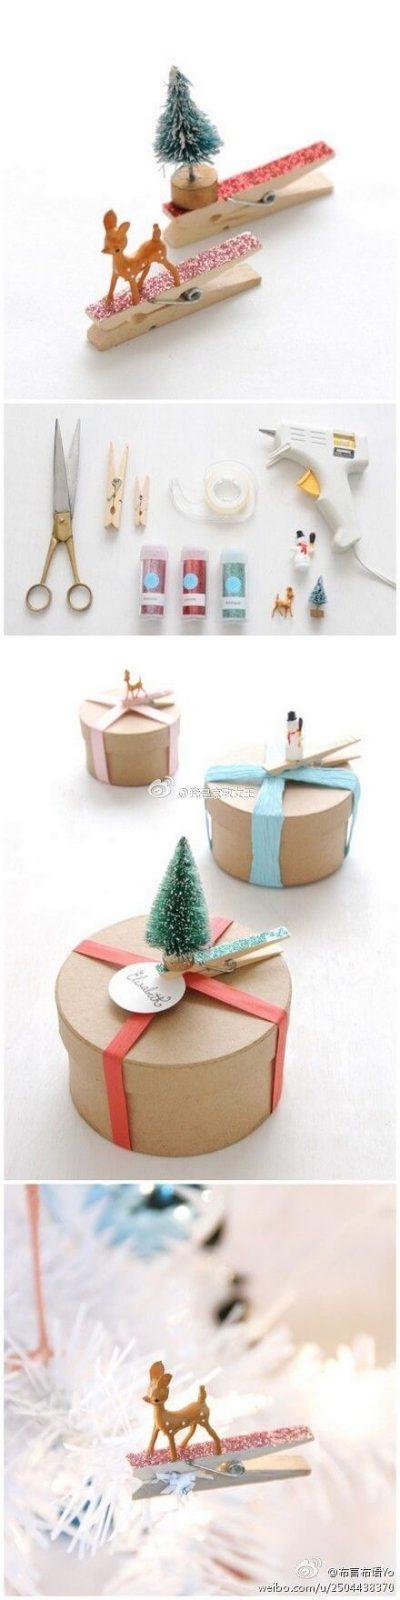 Weihnachtsschmuck basteln - Bastelideen für Weihnachten - Weihnachtsbasteln - Dekoideen Weihnachten - Weihnachtsdeko selber machen - Weihnachts Deko basteln